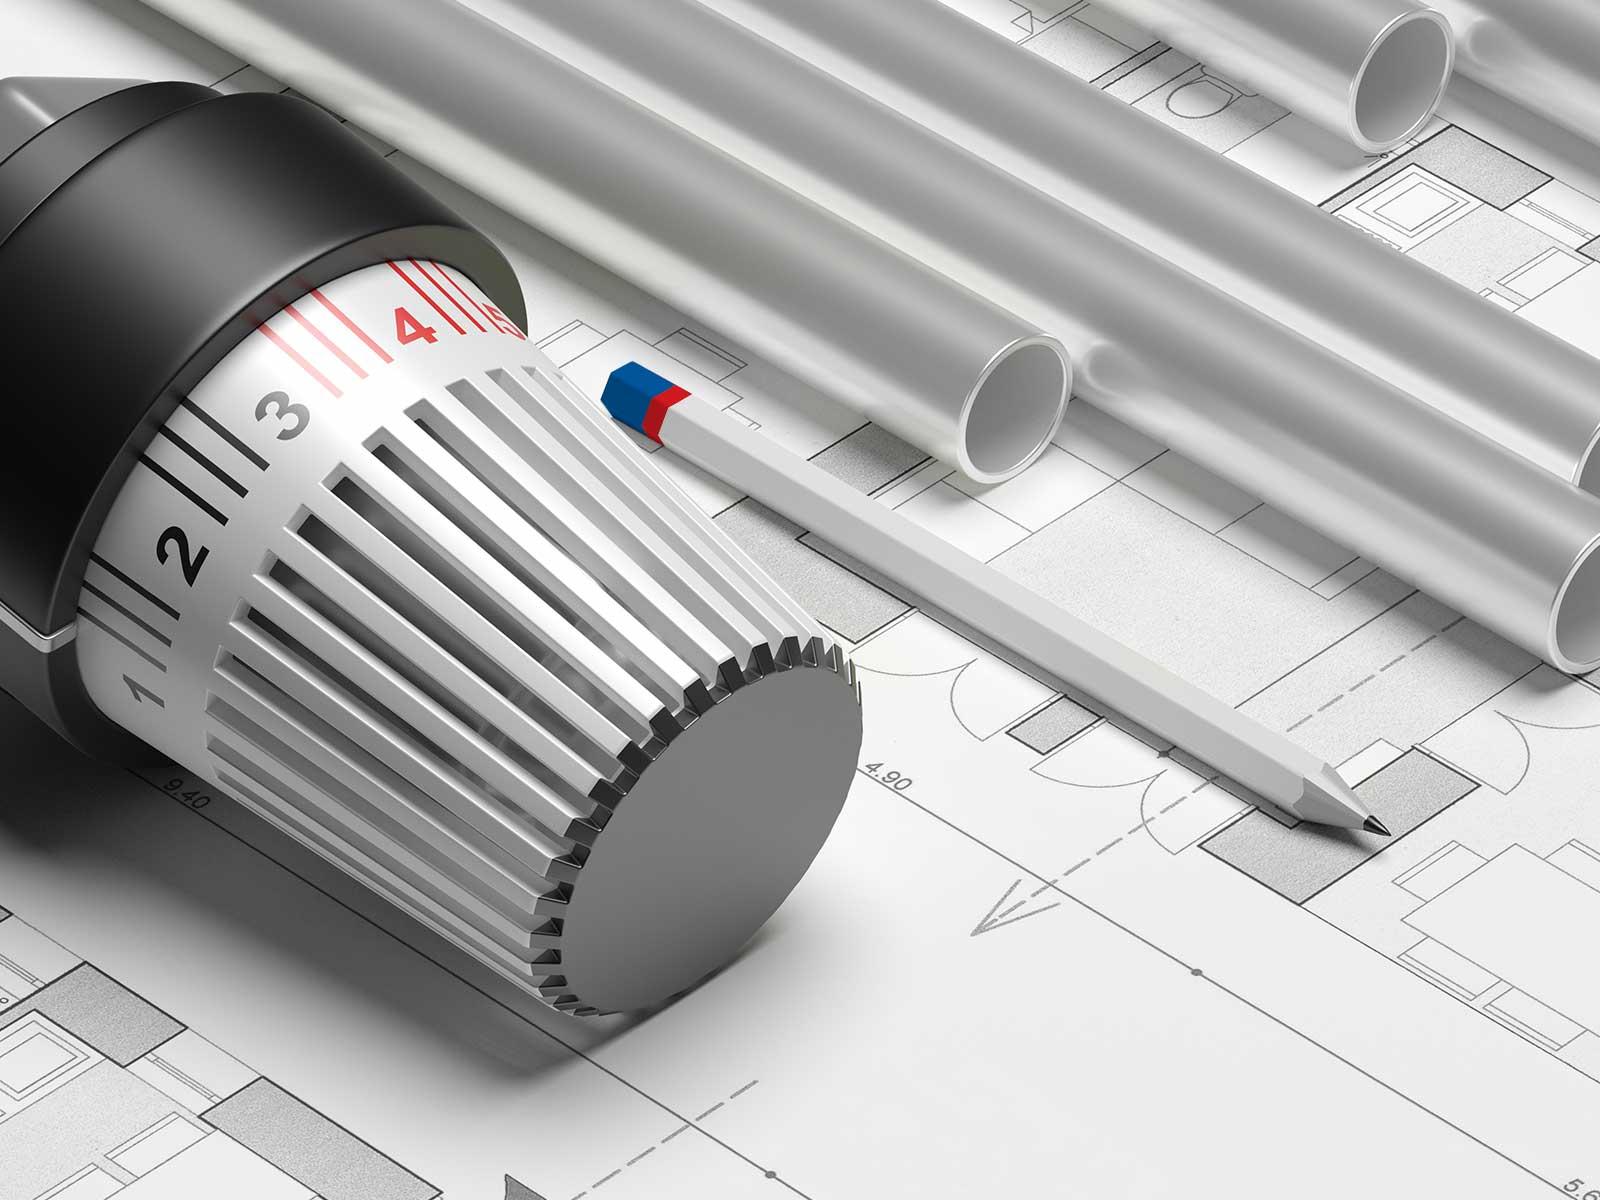 Total contractor direzione lavori realizzazione impianti Svizzera